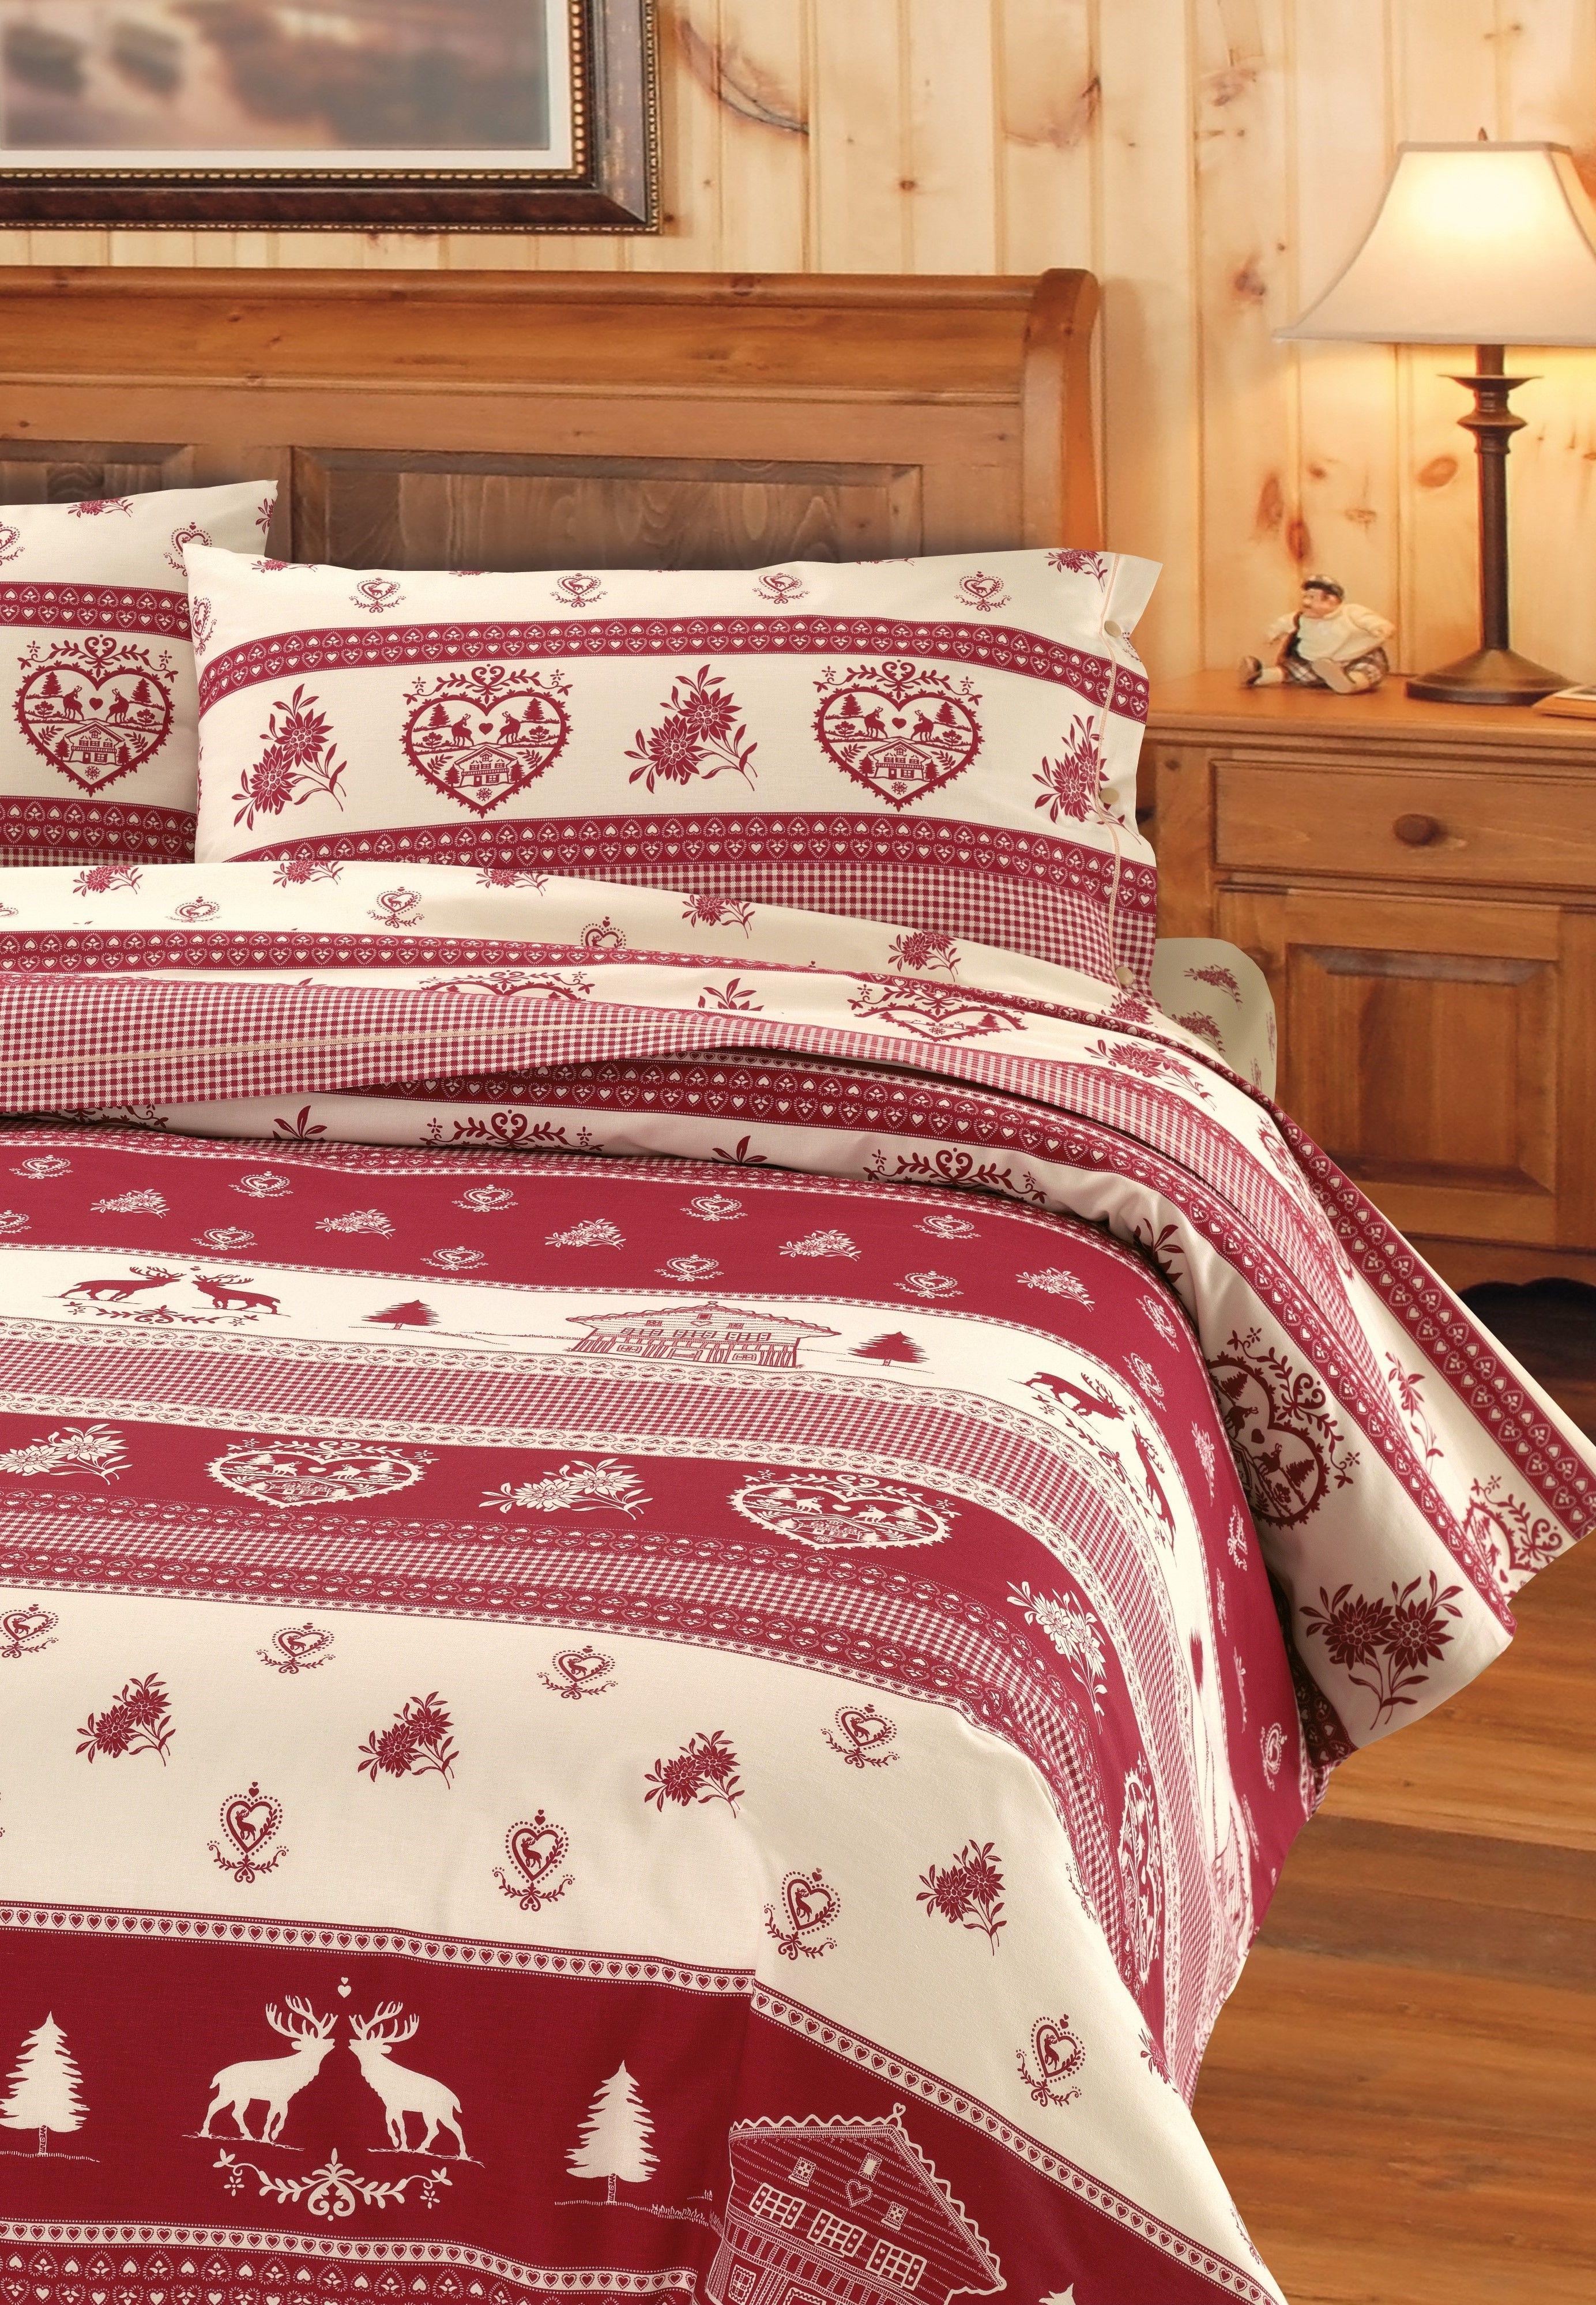 Dieses Bettwäsche Set Begeistert Durch Das Winterliche Motiv Und Die Warmen  Farben In Jedem Schlafzimmer